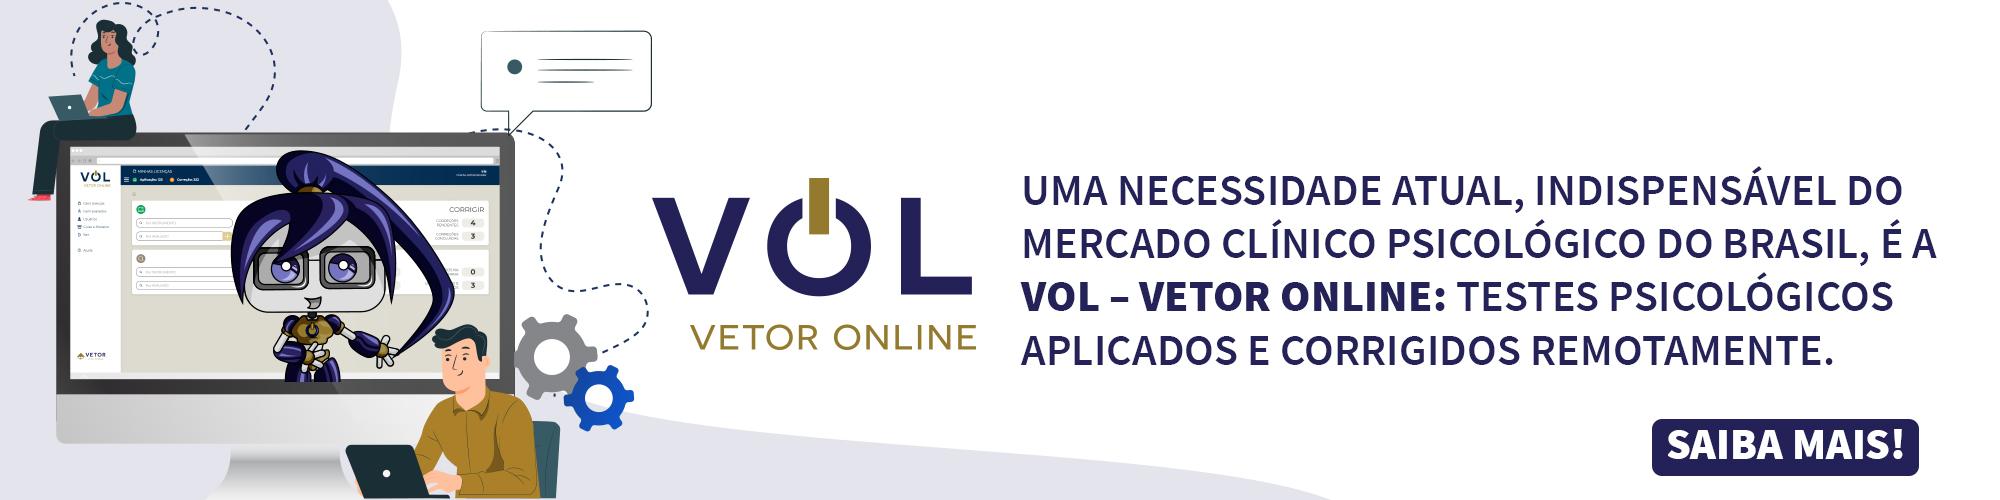 VOL 4 Campanha